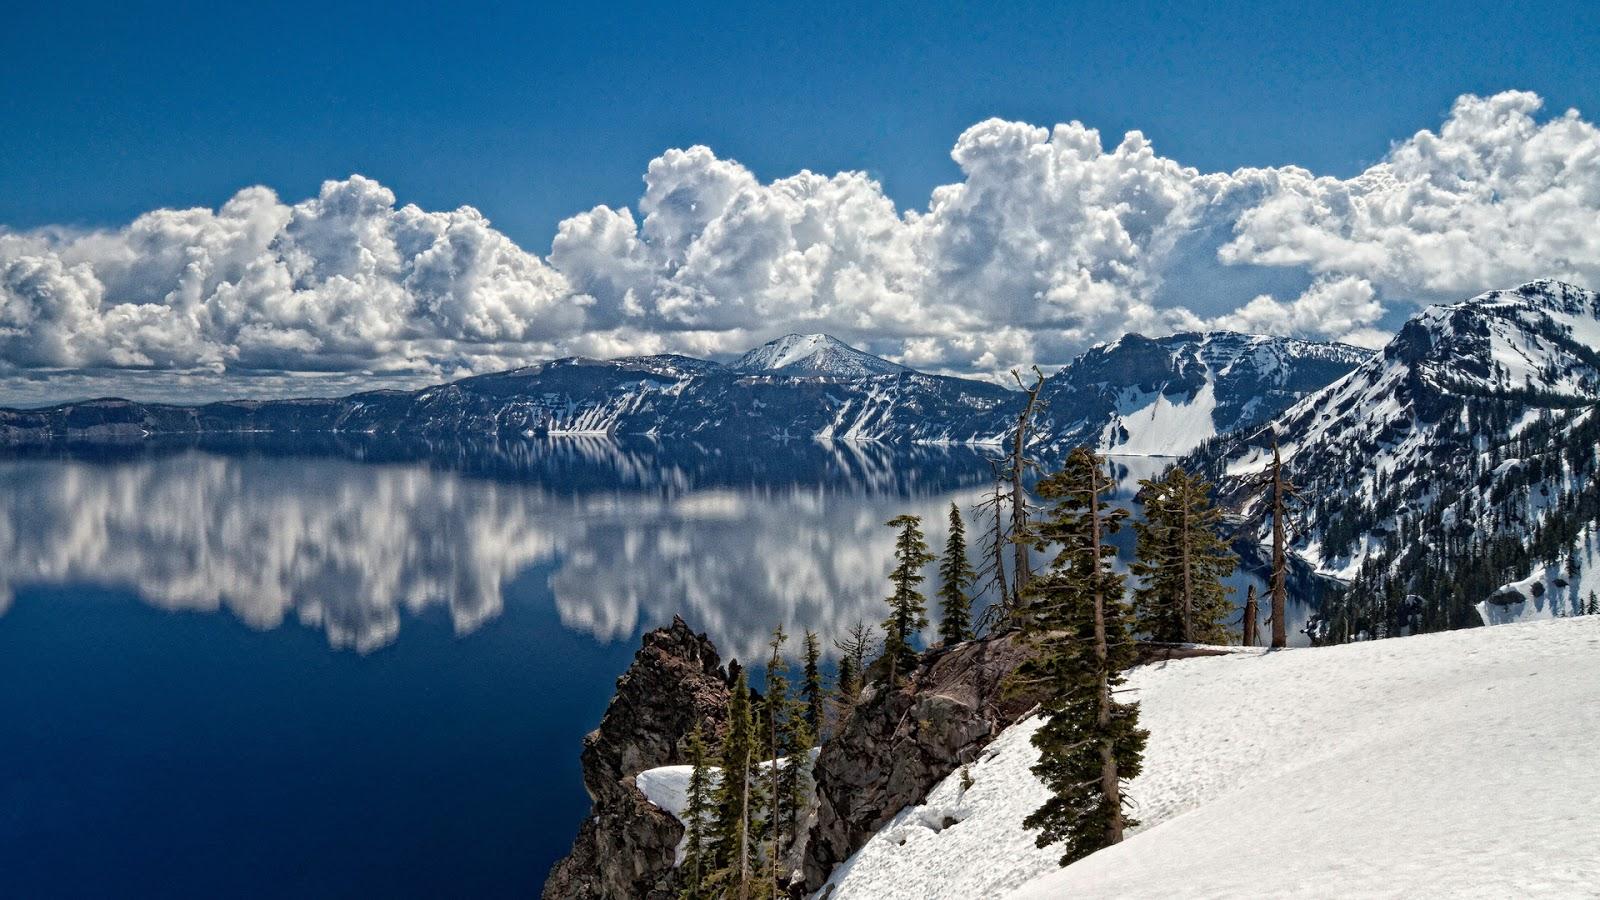 Montaña Nevada Hd: Descarga Fondos HD: Fondo De Pantalla